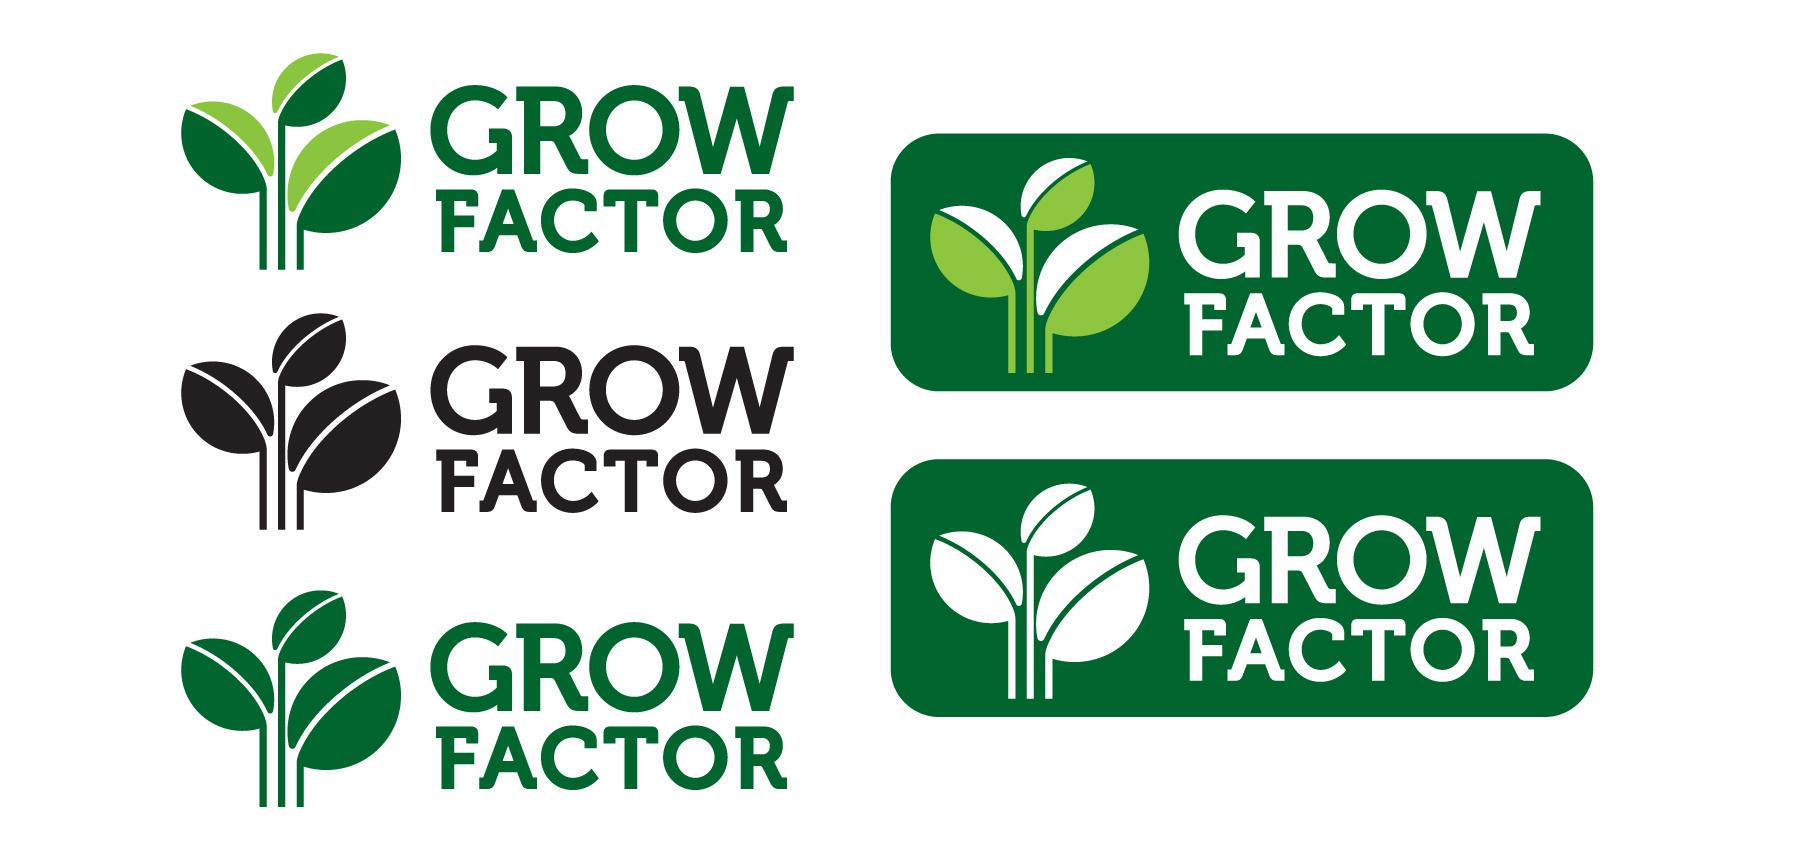 Grow Factor. Цветен и монохромен вариант.